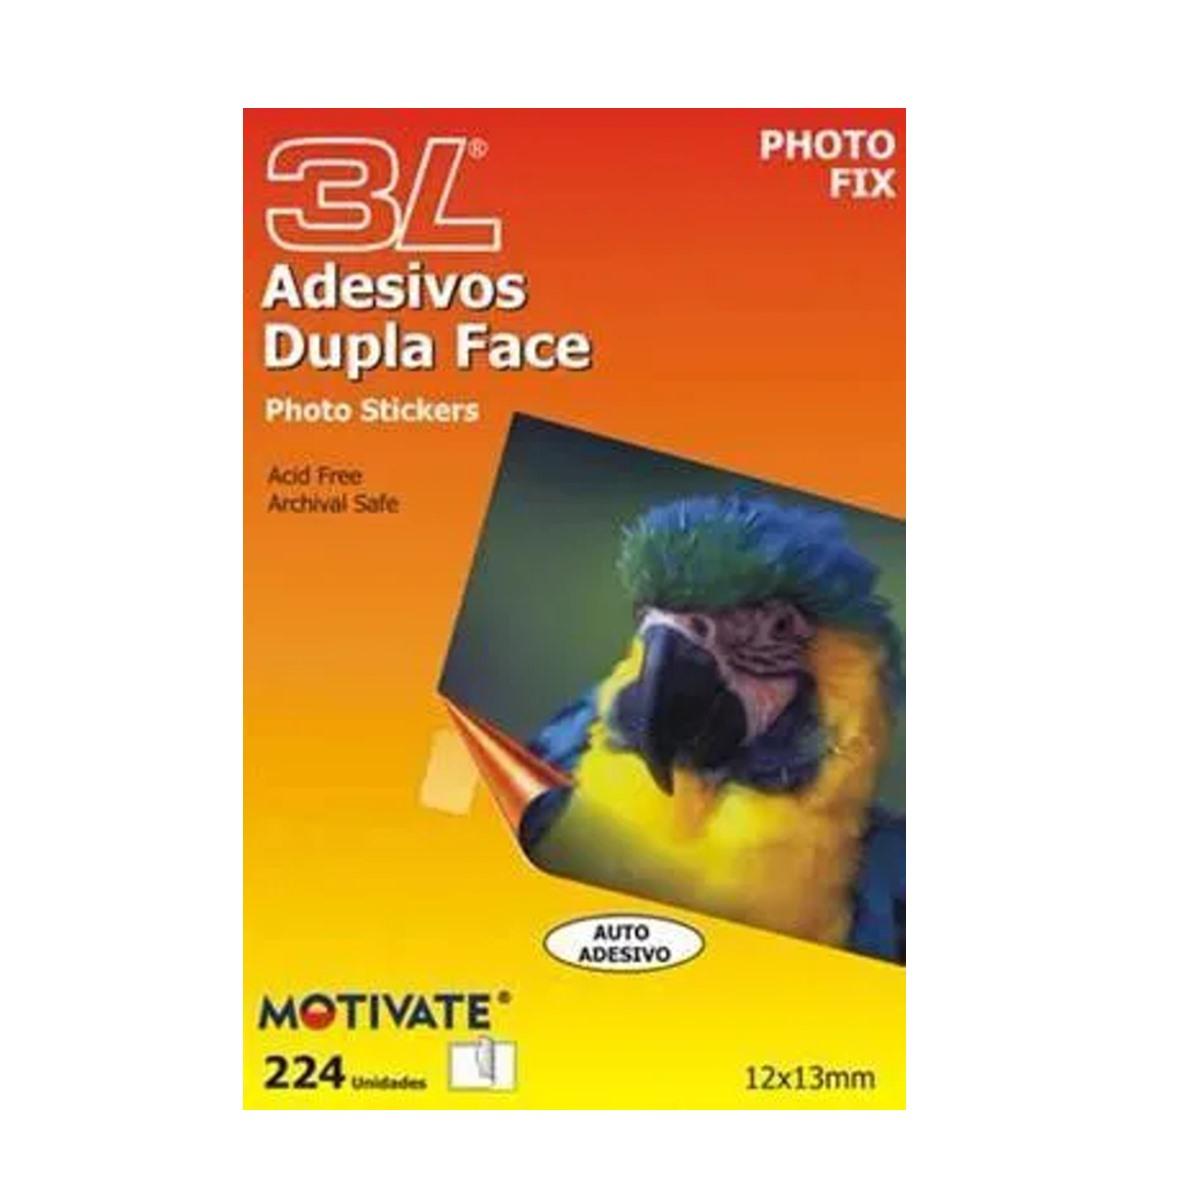 Auto Adesivo Dupla Face Photo Fix - Caixa com 20 Blisters de 224 unidades (cada)